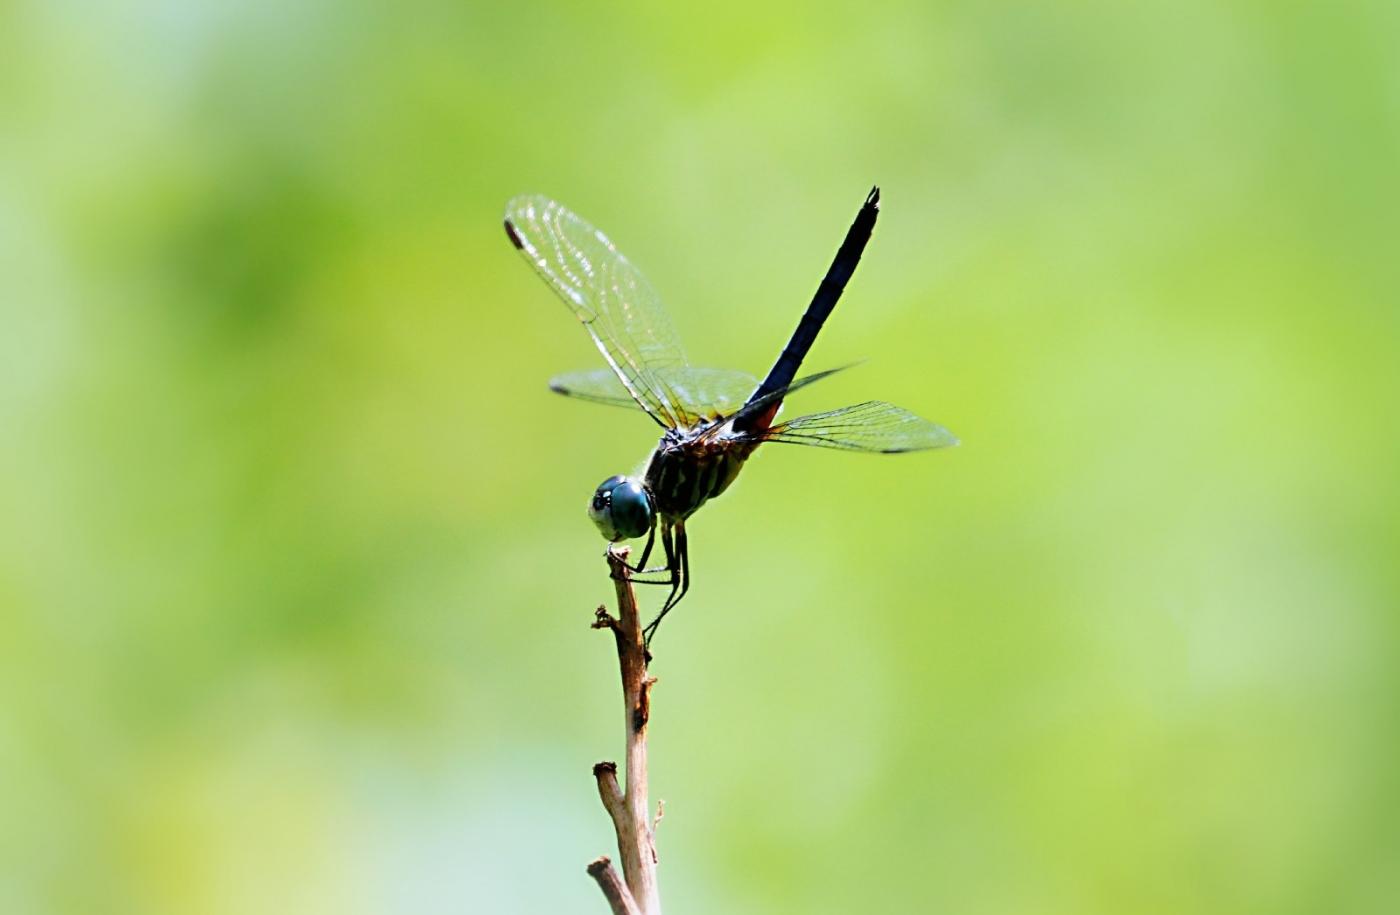 【田螺摄影】院子里的蜻蜓_图1-1